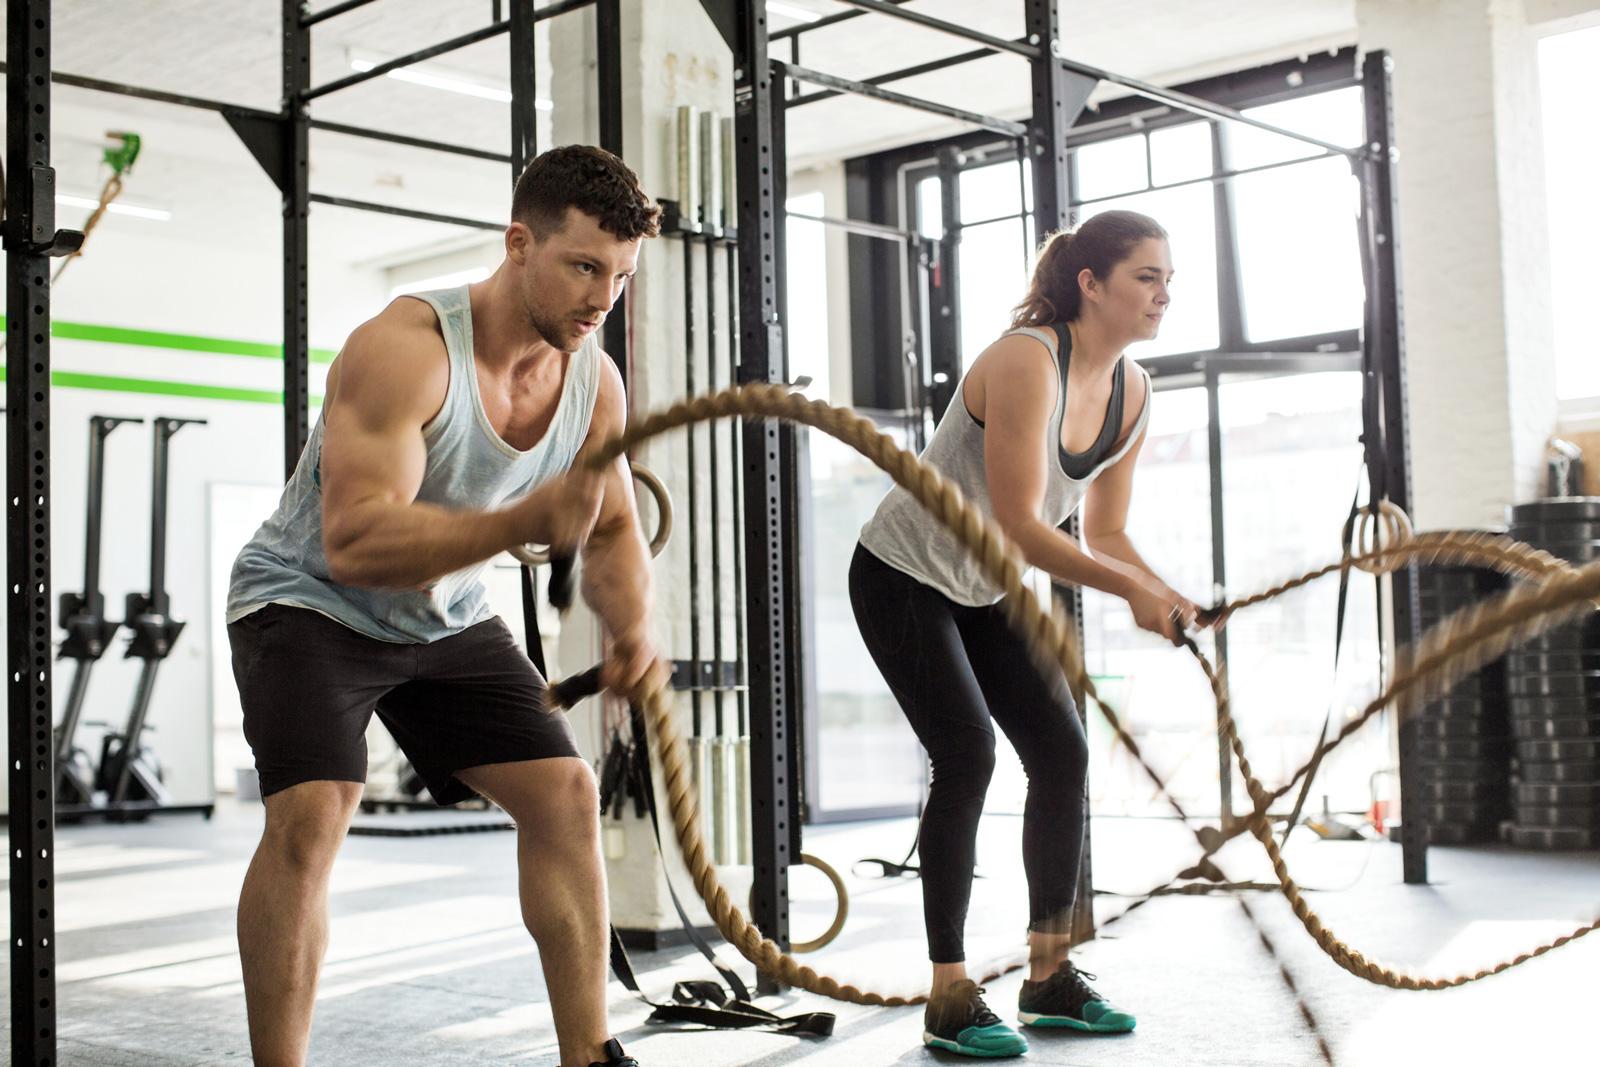 Komplexe Bewegungsabläufe, die mehrere Gelenke und Muskelgruppen gleichzeitig beanspruchen.